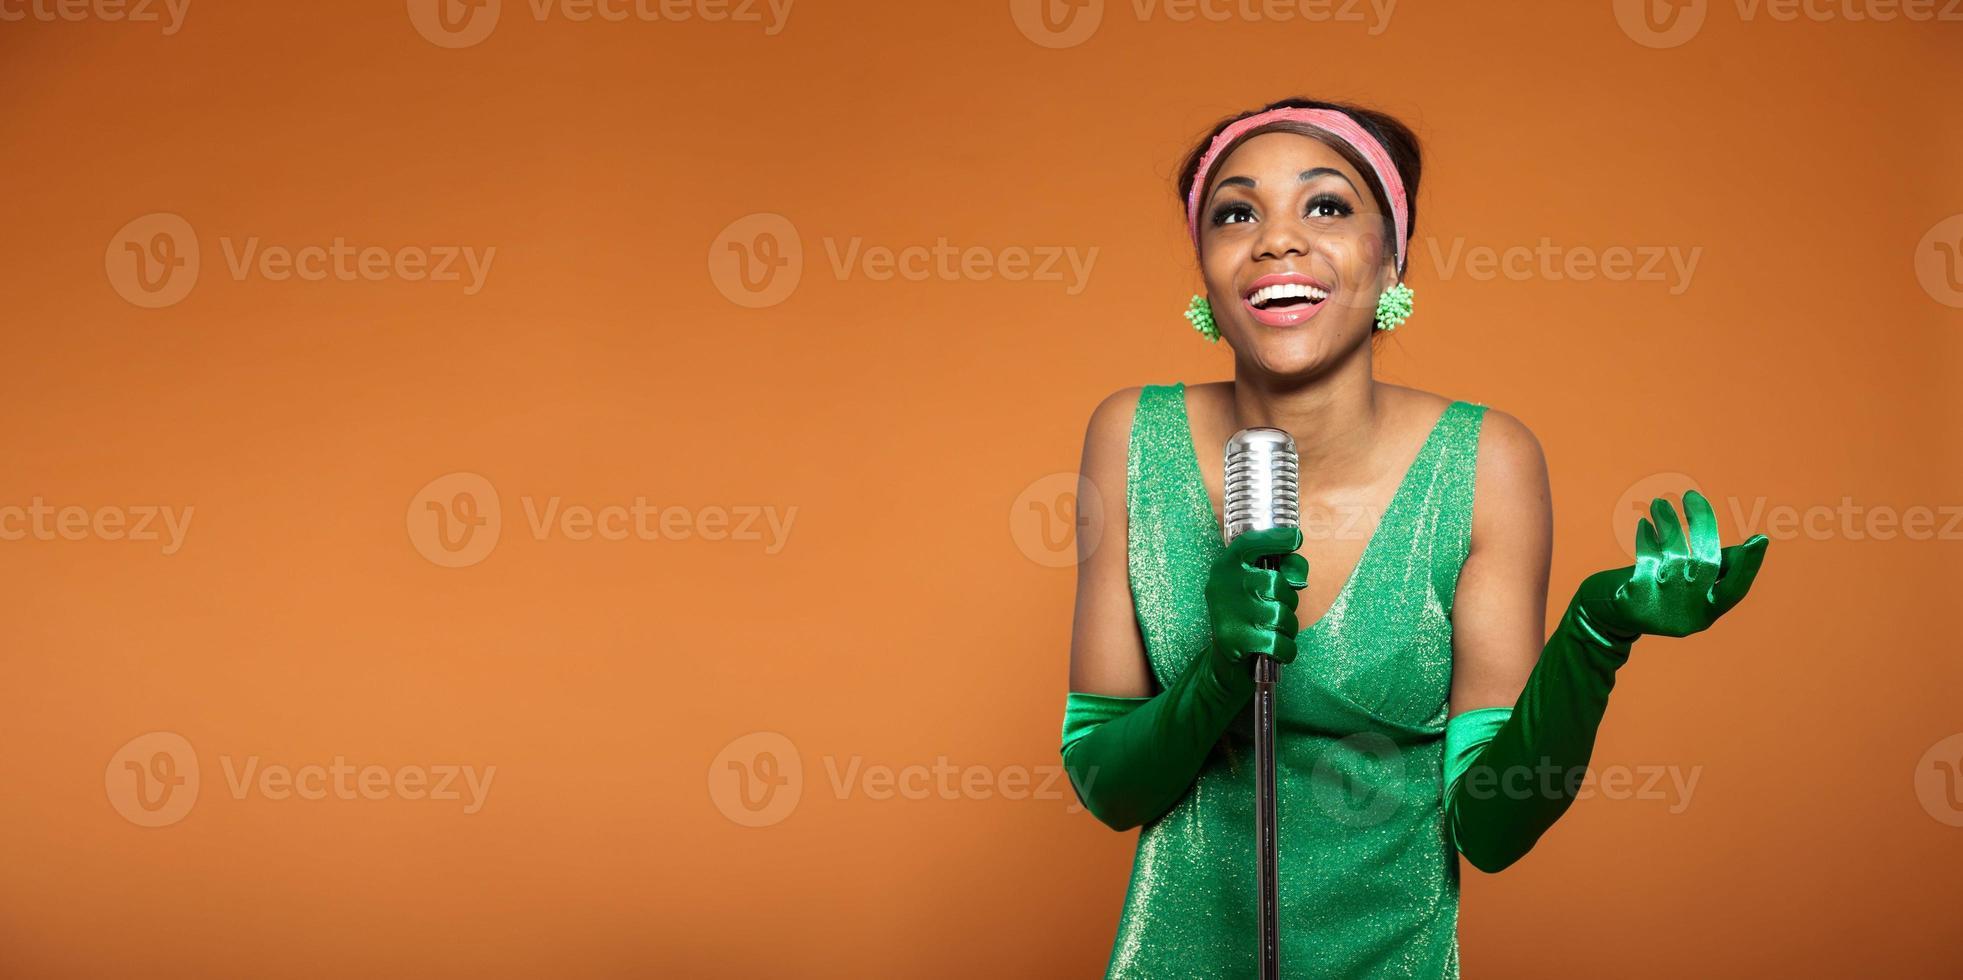 femme soul jazz vintage chant. afro-américain noir. copier l'espace. photo